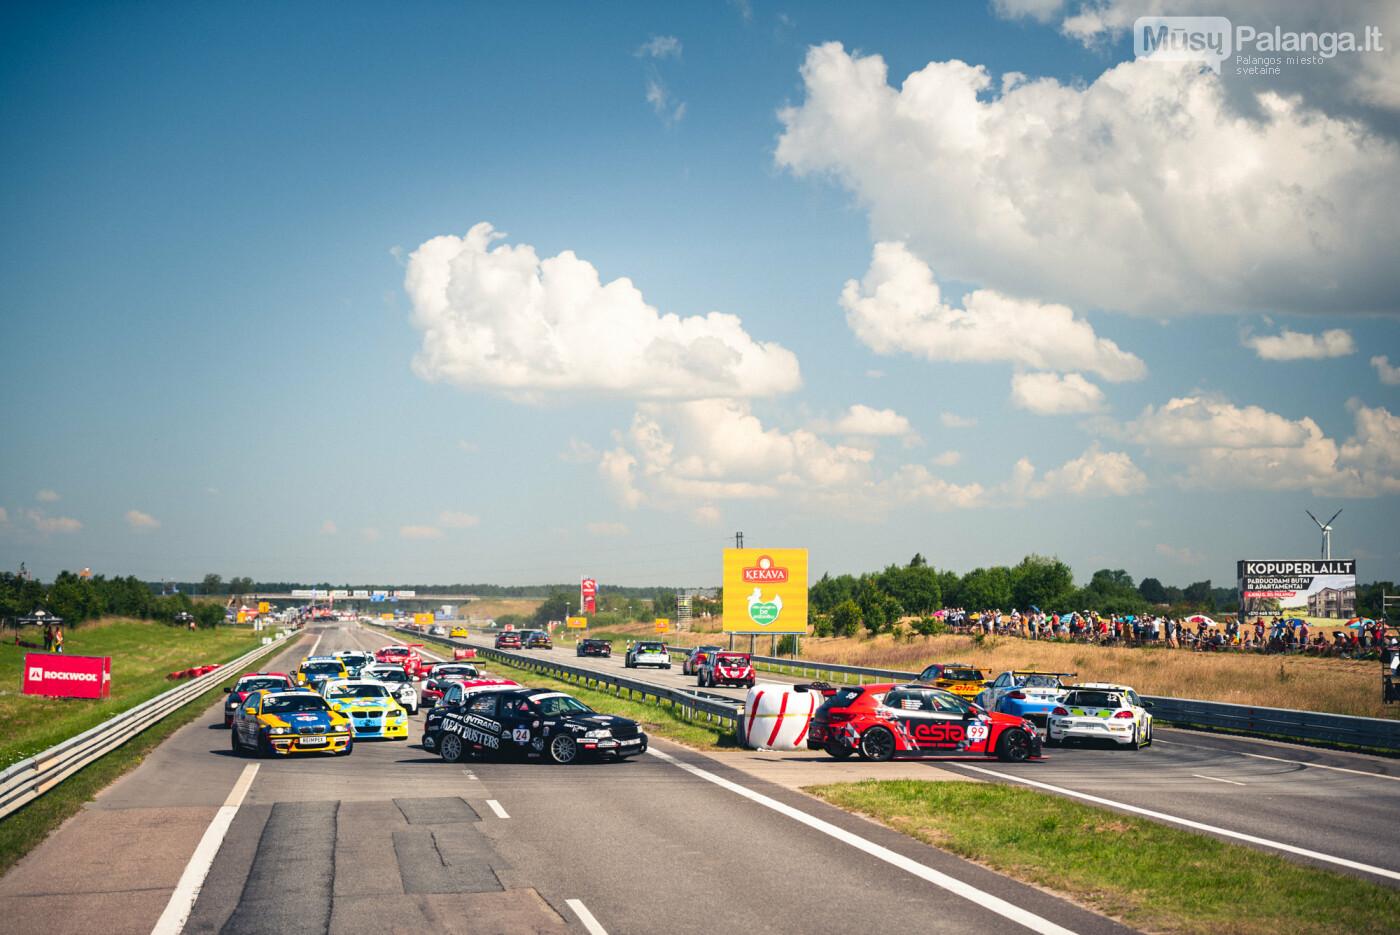 """Įpusėjo """"Aurum 1006 km lenktynės"""", nuotrauka-3, Vytauto PILKAUSKO ir Arno STRUMILOS nuotr."""